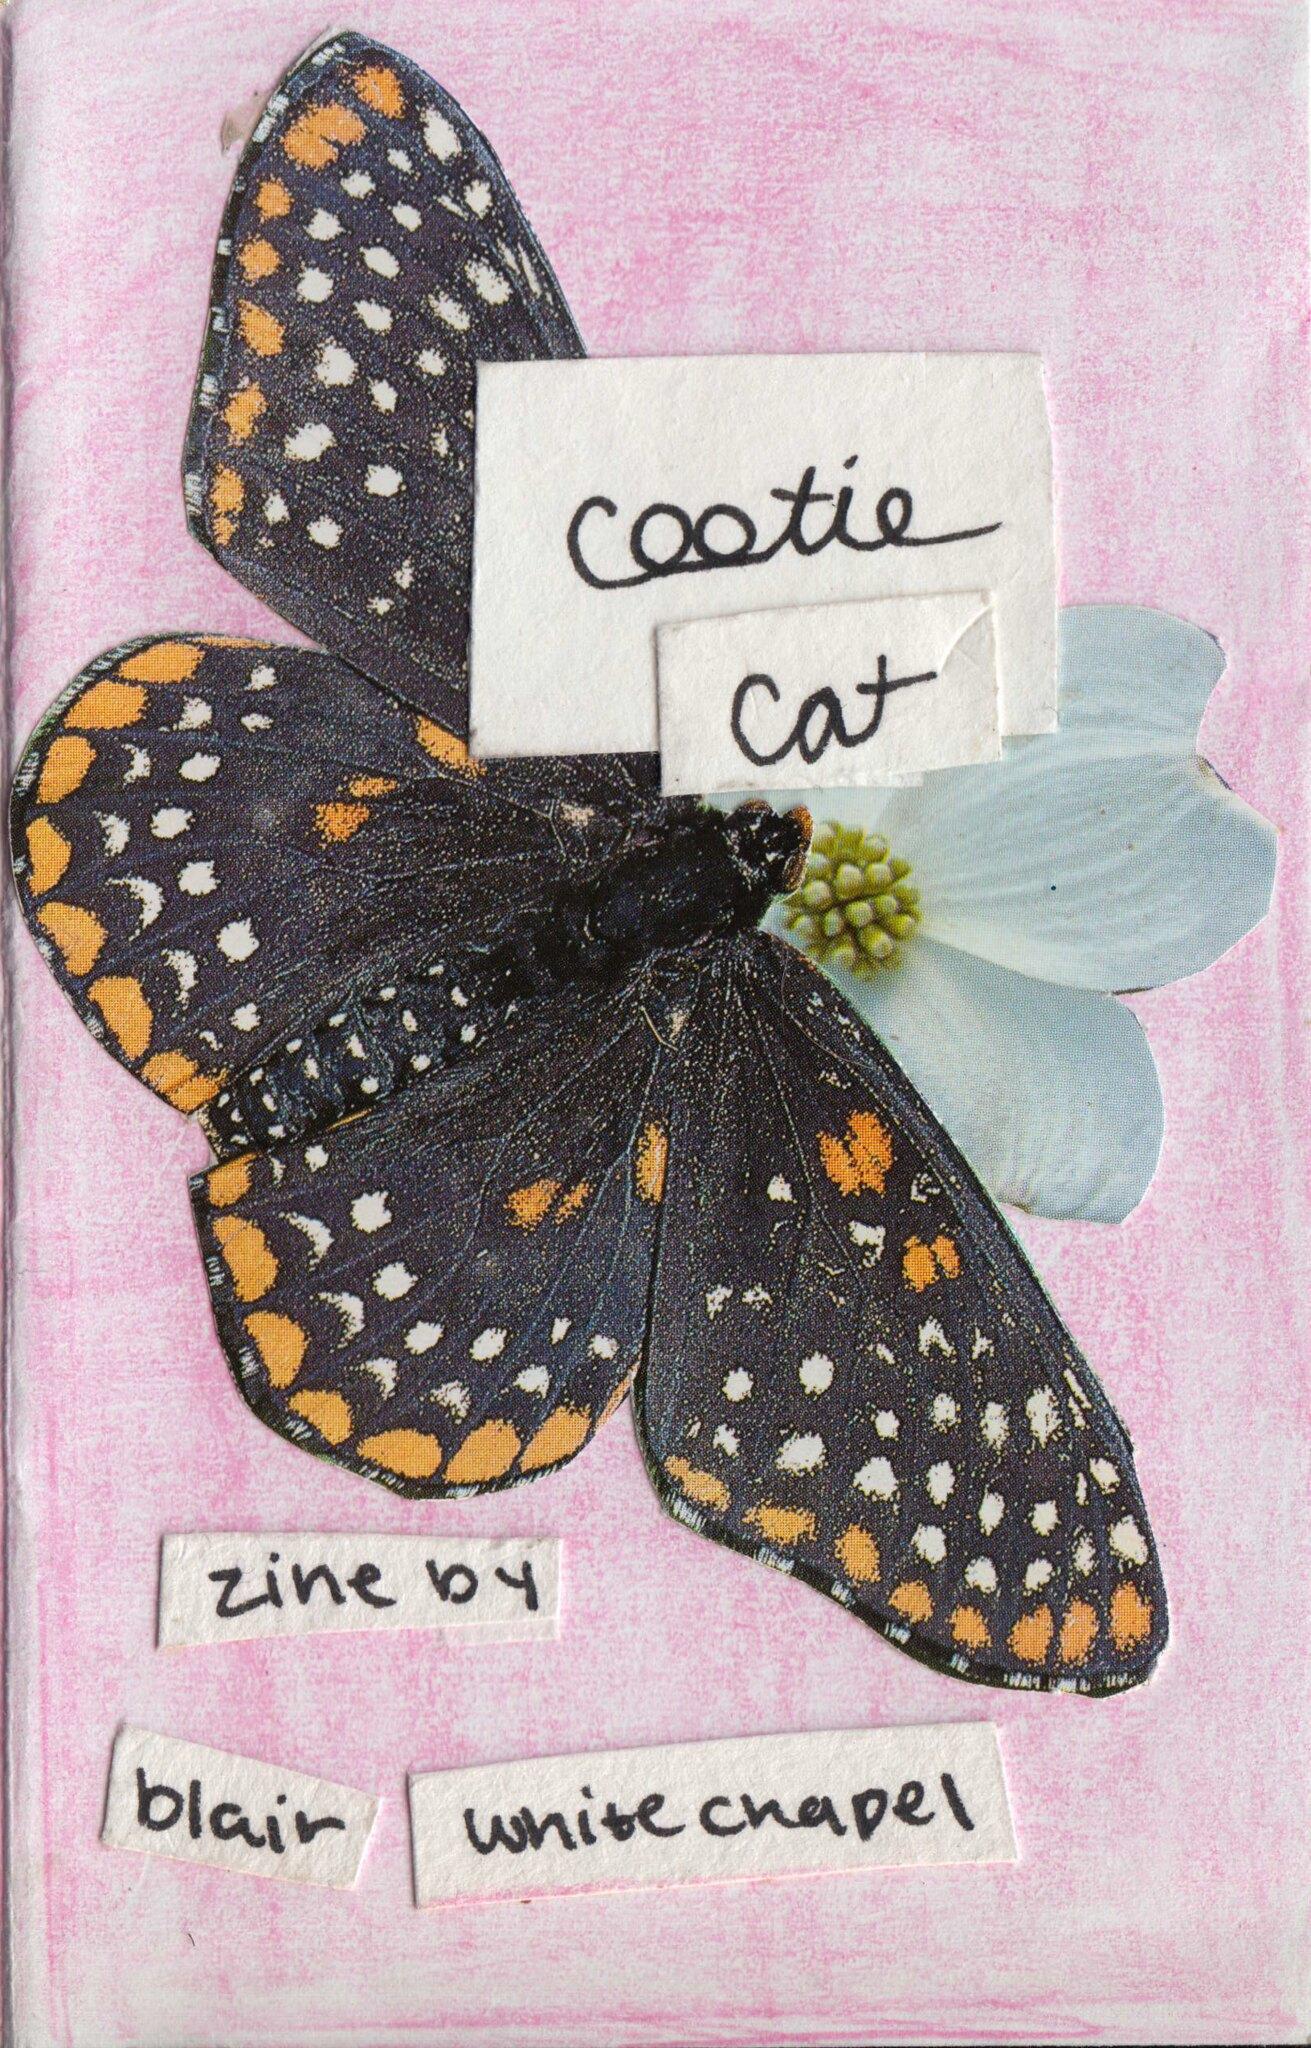 'cootie cat' zine - a zine about gender, body image and self esteem.> Read or buy zine